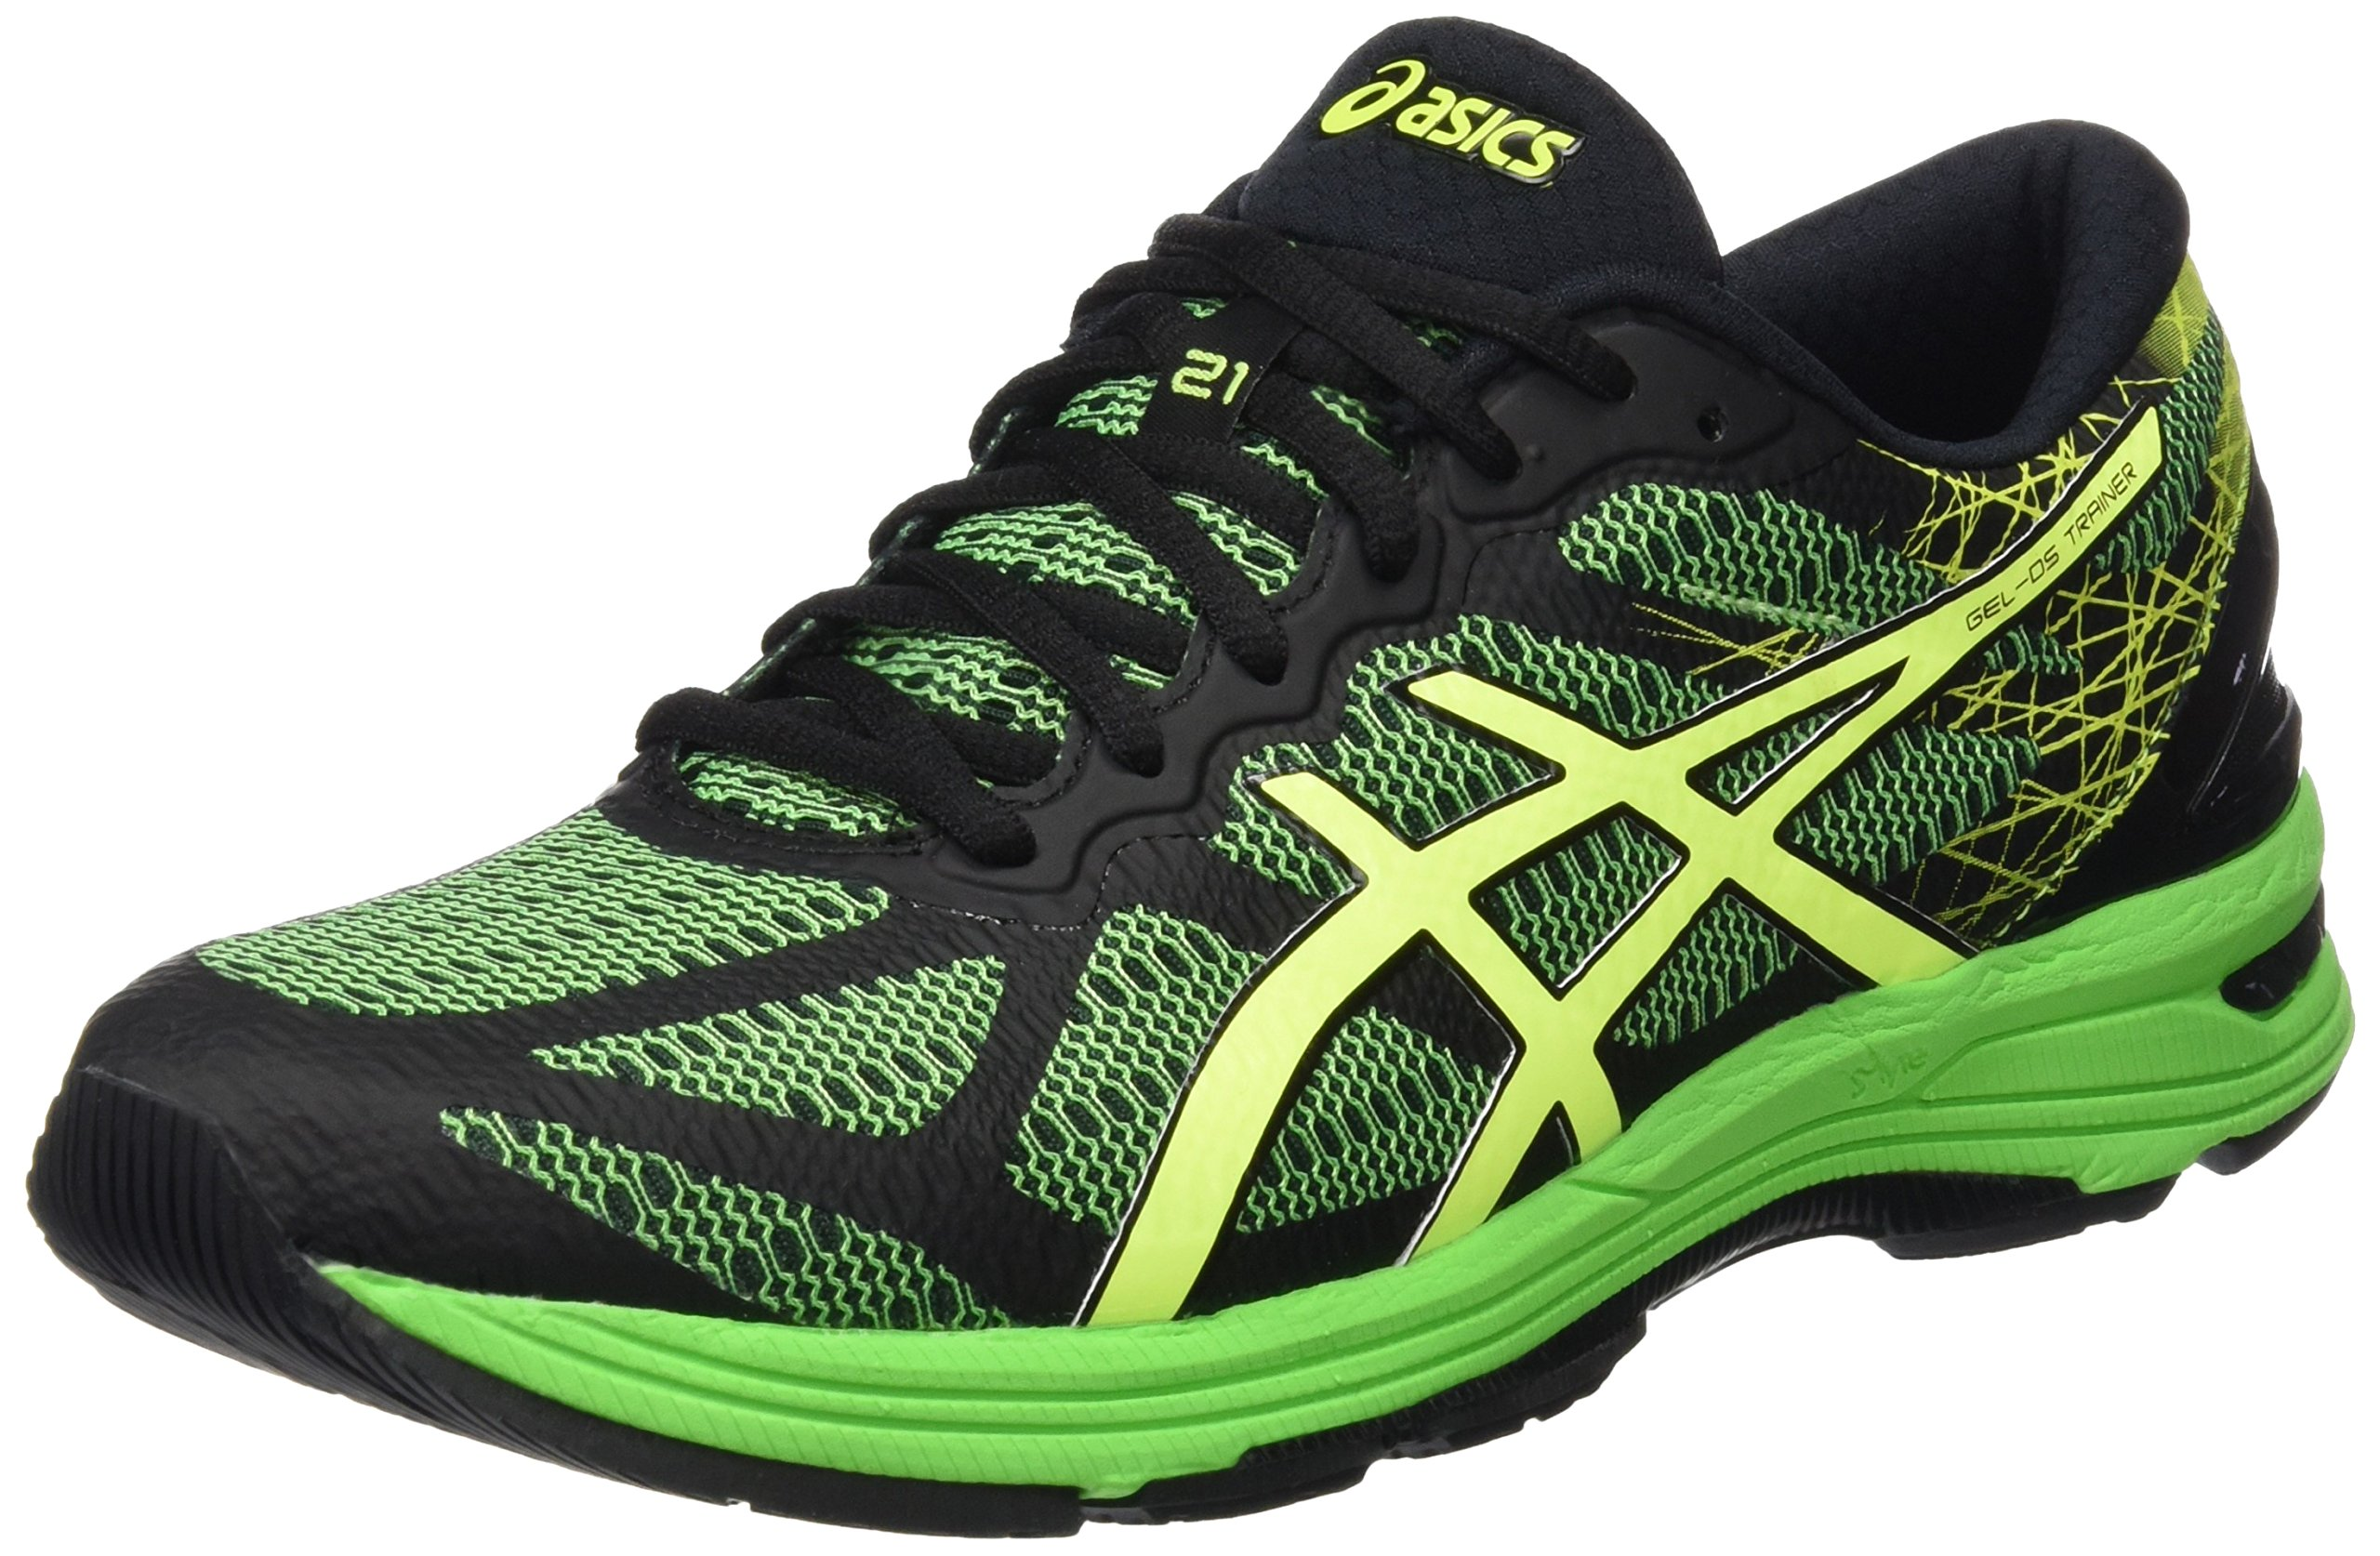 asics mens gel ds trainer 21 running shoes green 5 5 uk. Black Bedroom Furniture Sets. Home Design Ideas